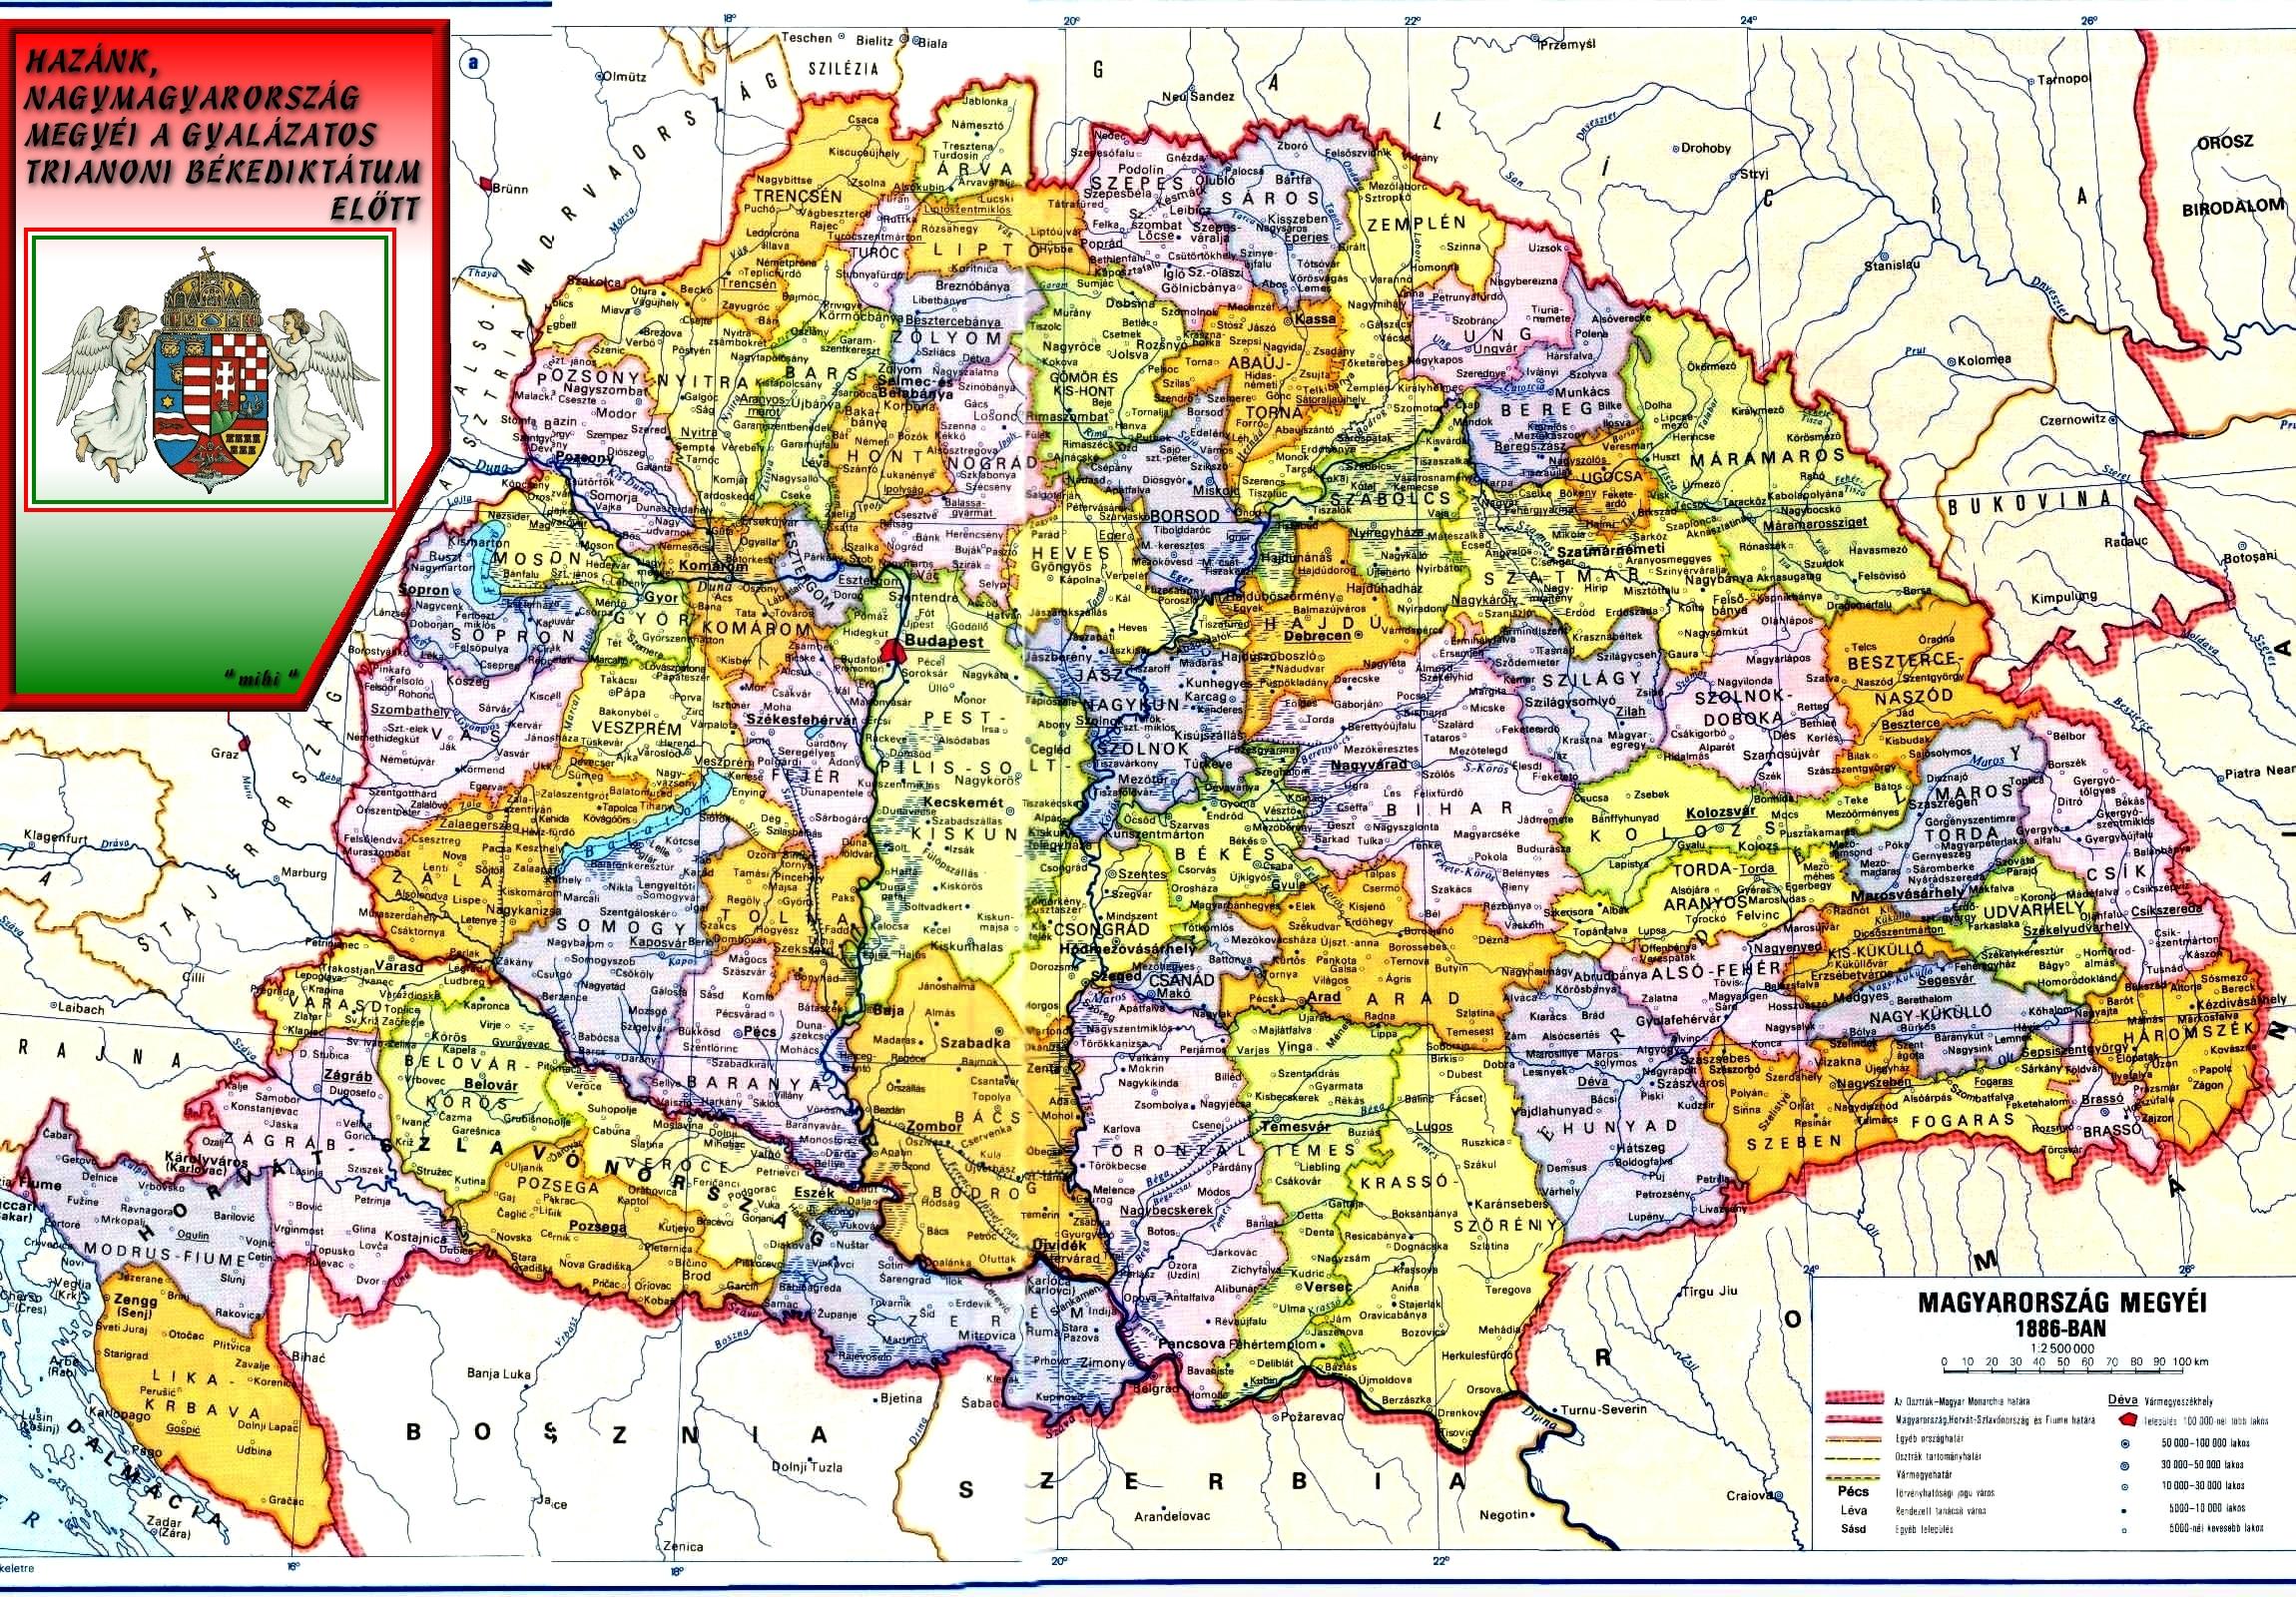 magyarország nagy térkép Ezeket a nyilatkozatokat még biztos nem hallottuk Trianonról  magyarország nagy térkép